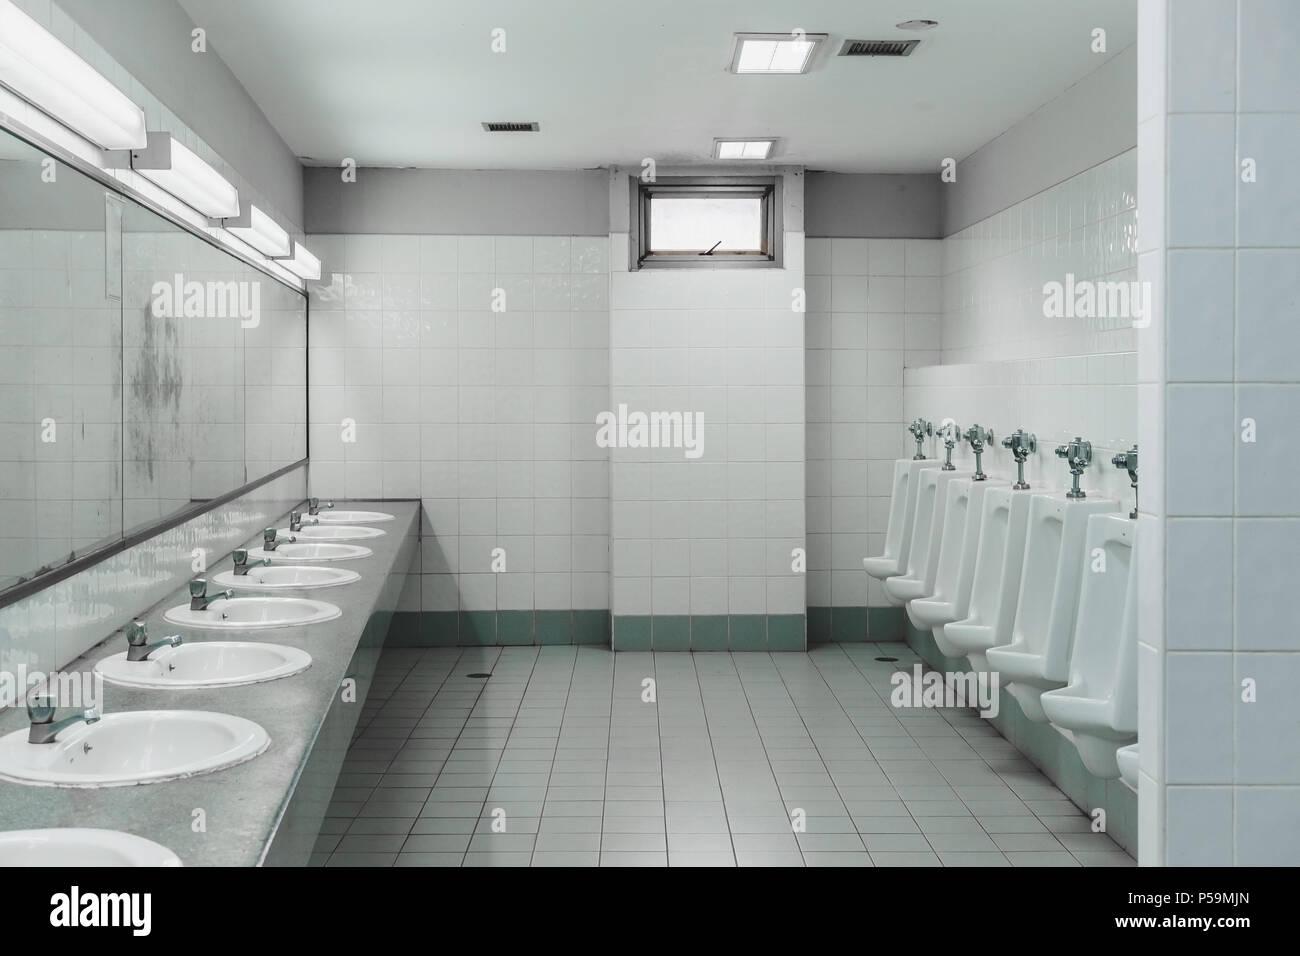 Les toilettes et salle de bain int rieur avec lavabo ou wc for Arredo bagno stock